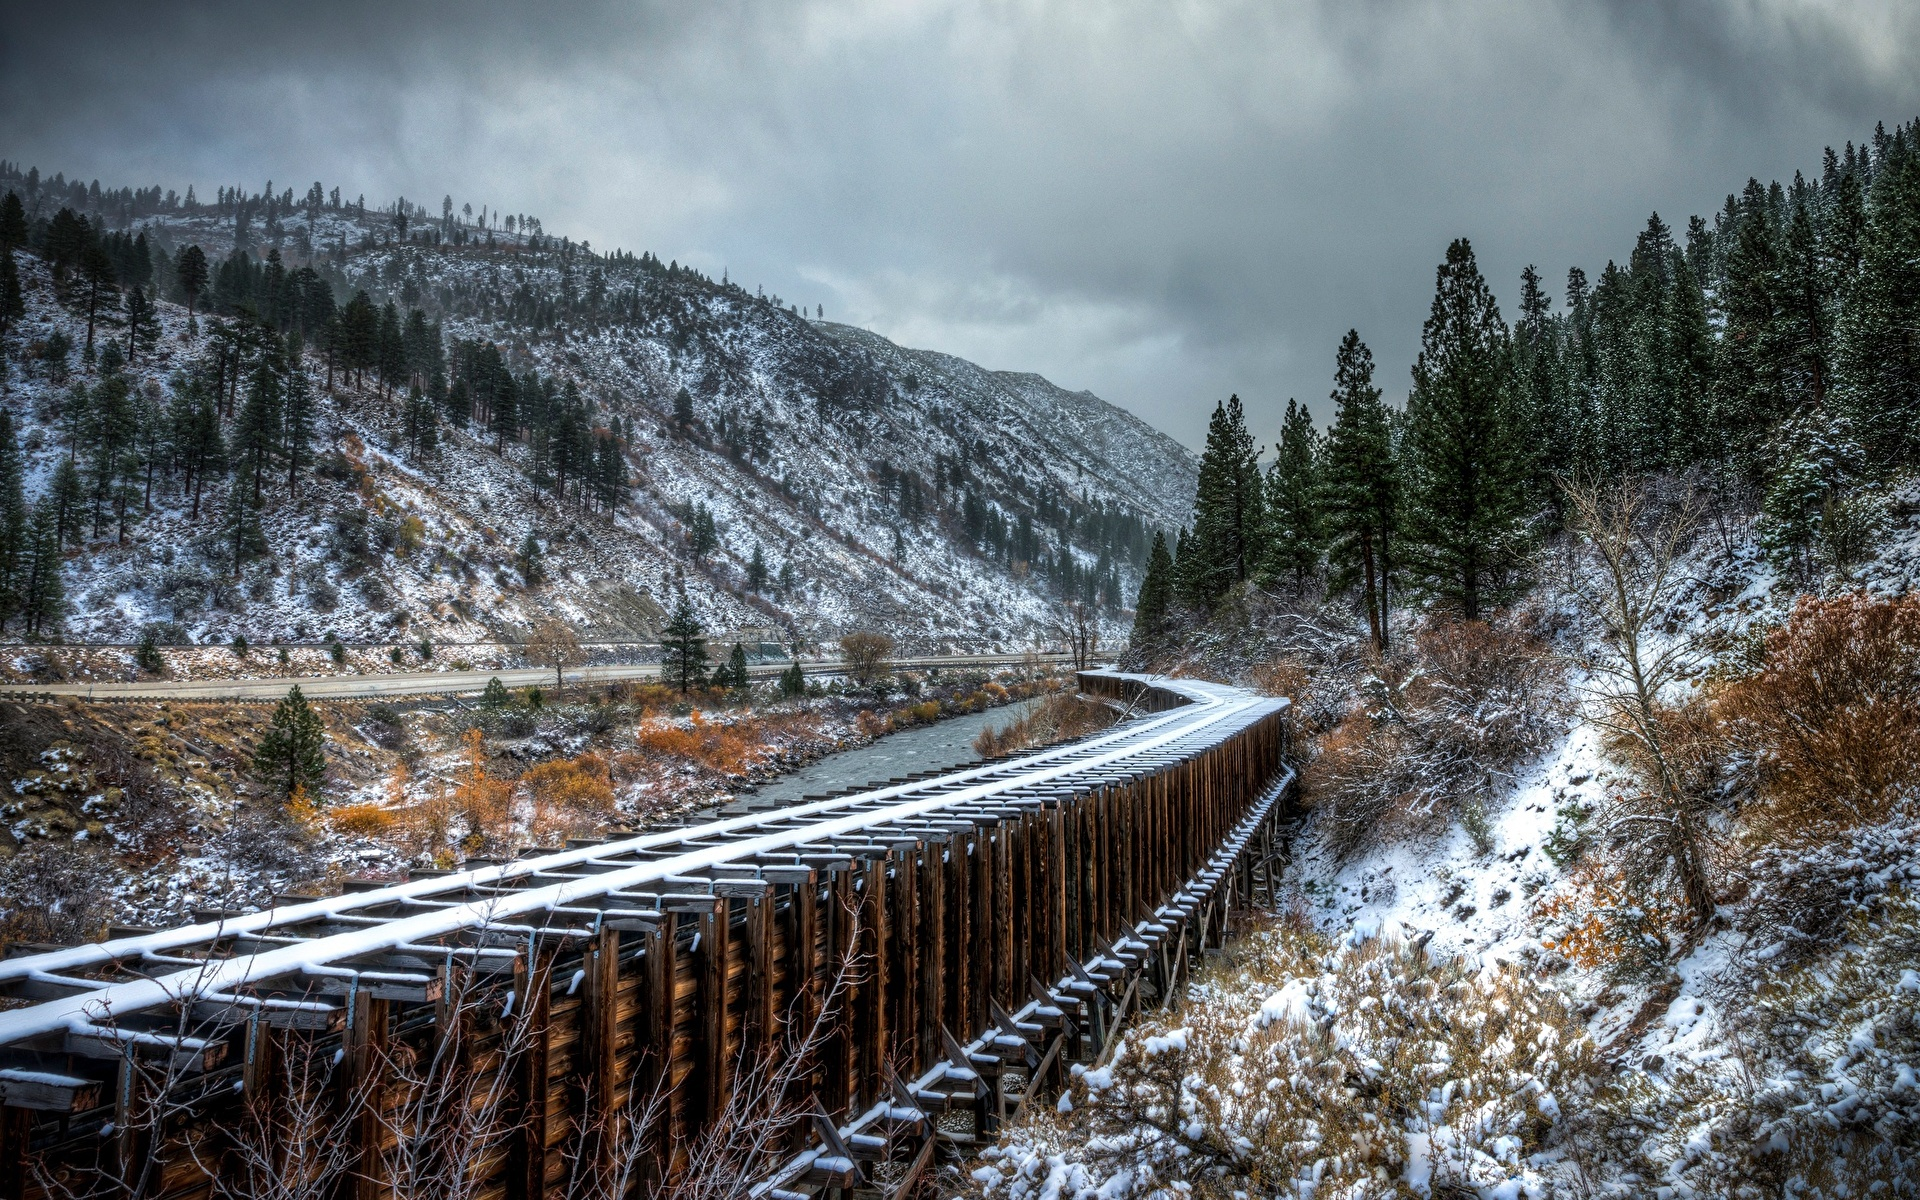 Картинки Горы Природа Снег Железные дороги 1920x1200 гора снега снегу снеге